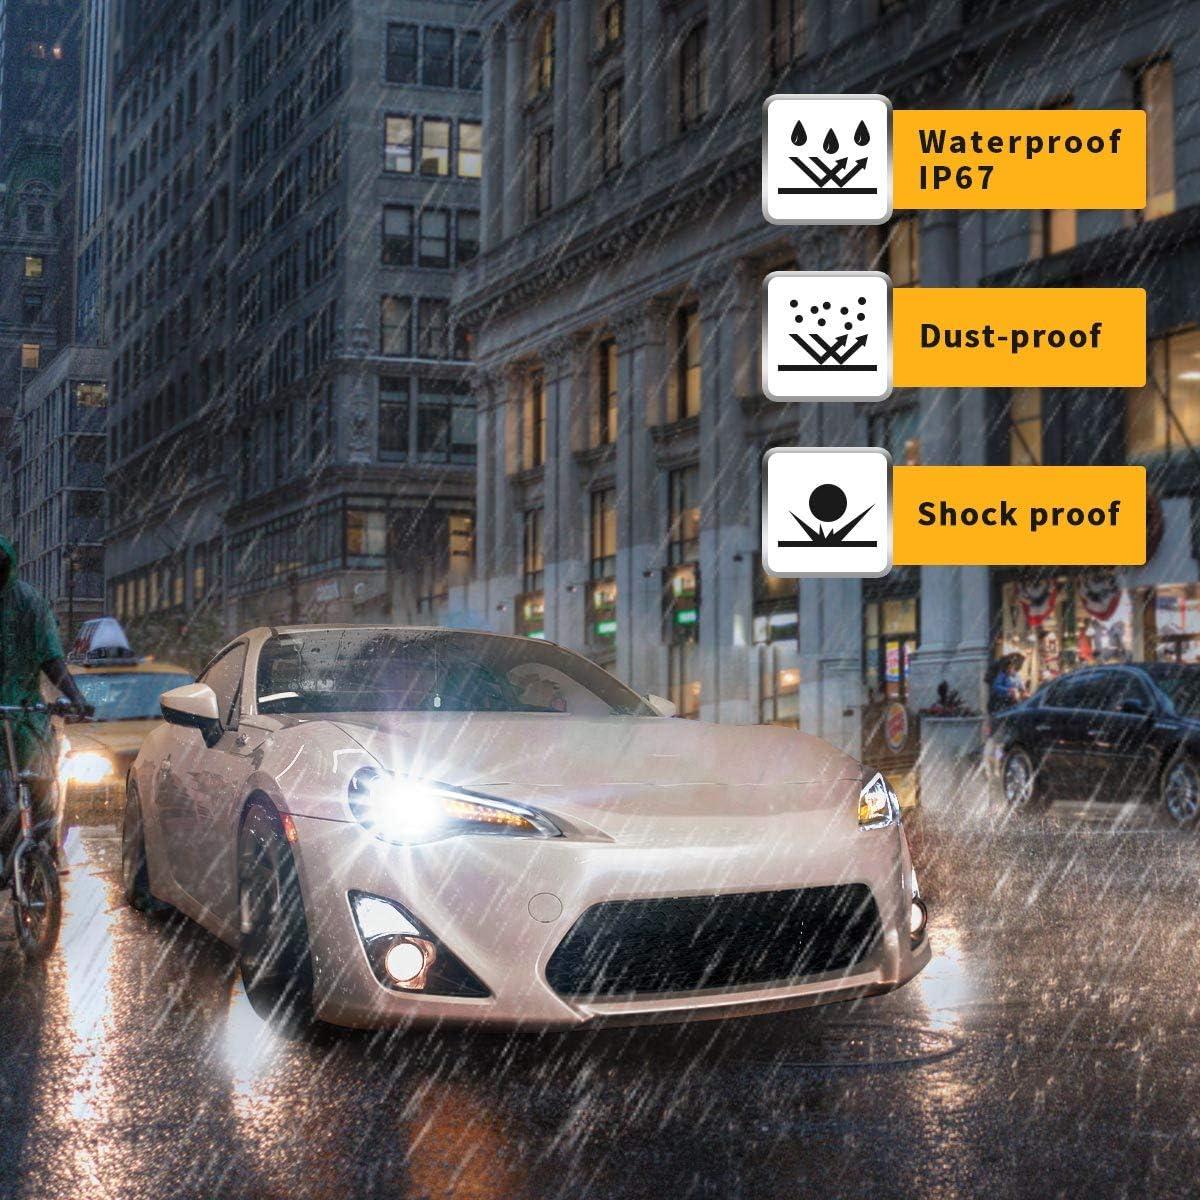 VLAND LED DRL Scheinwerfer f/ür GT86 FT86 FR-S BRZ 2012-2018 Frontleuchten Mit sequentiellem Blinker LHD